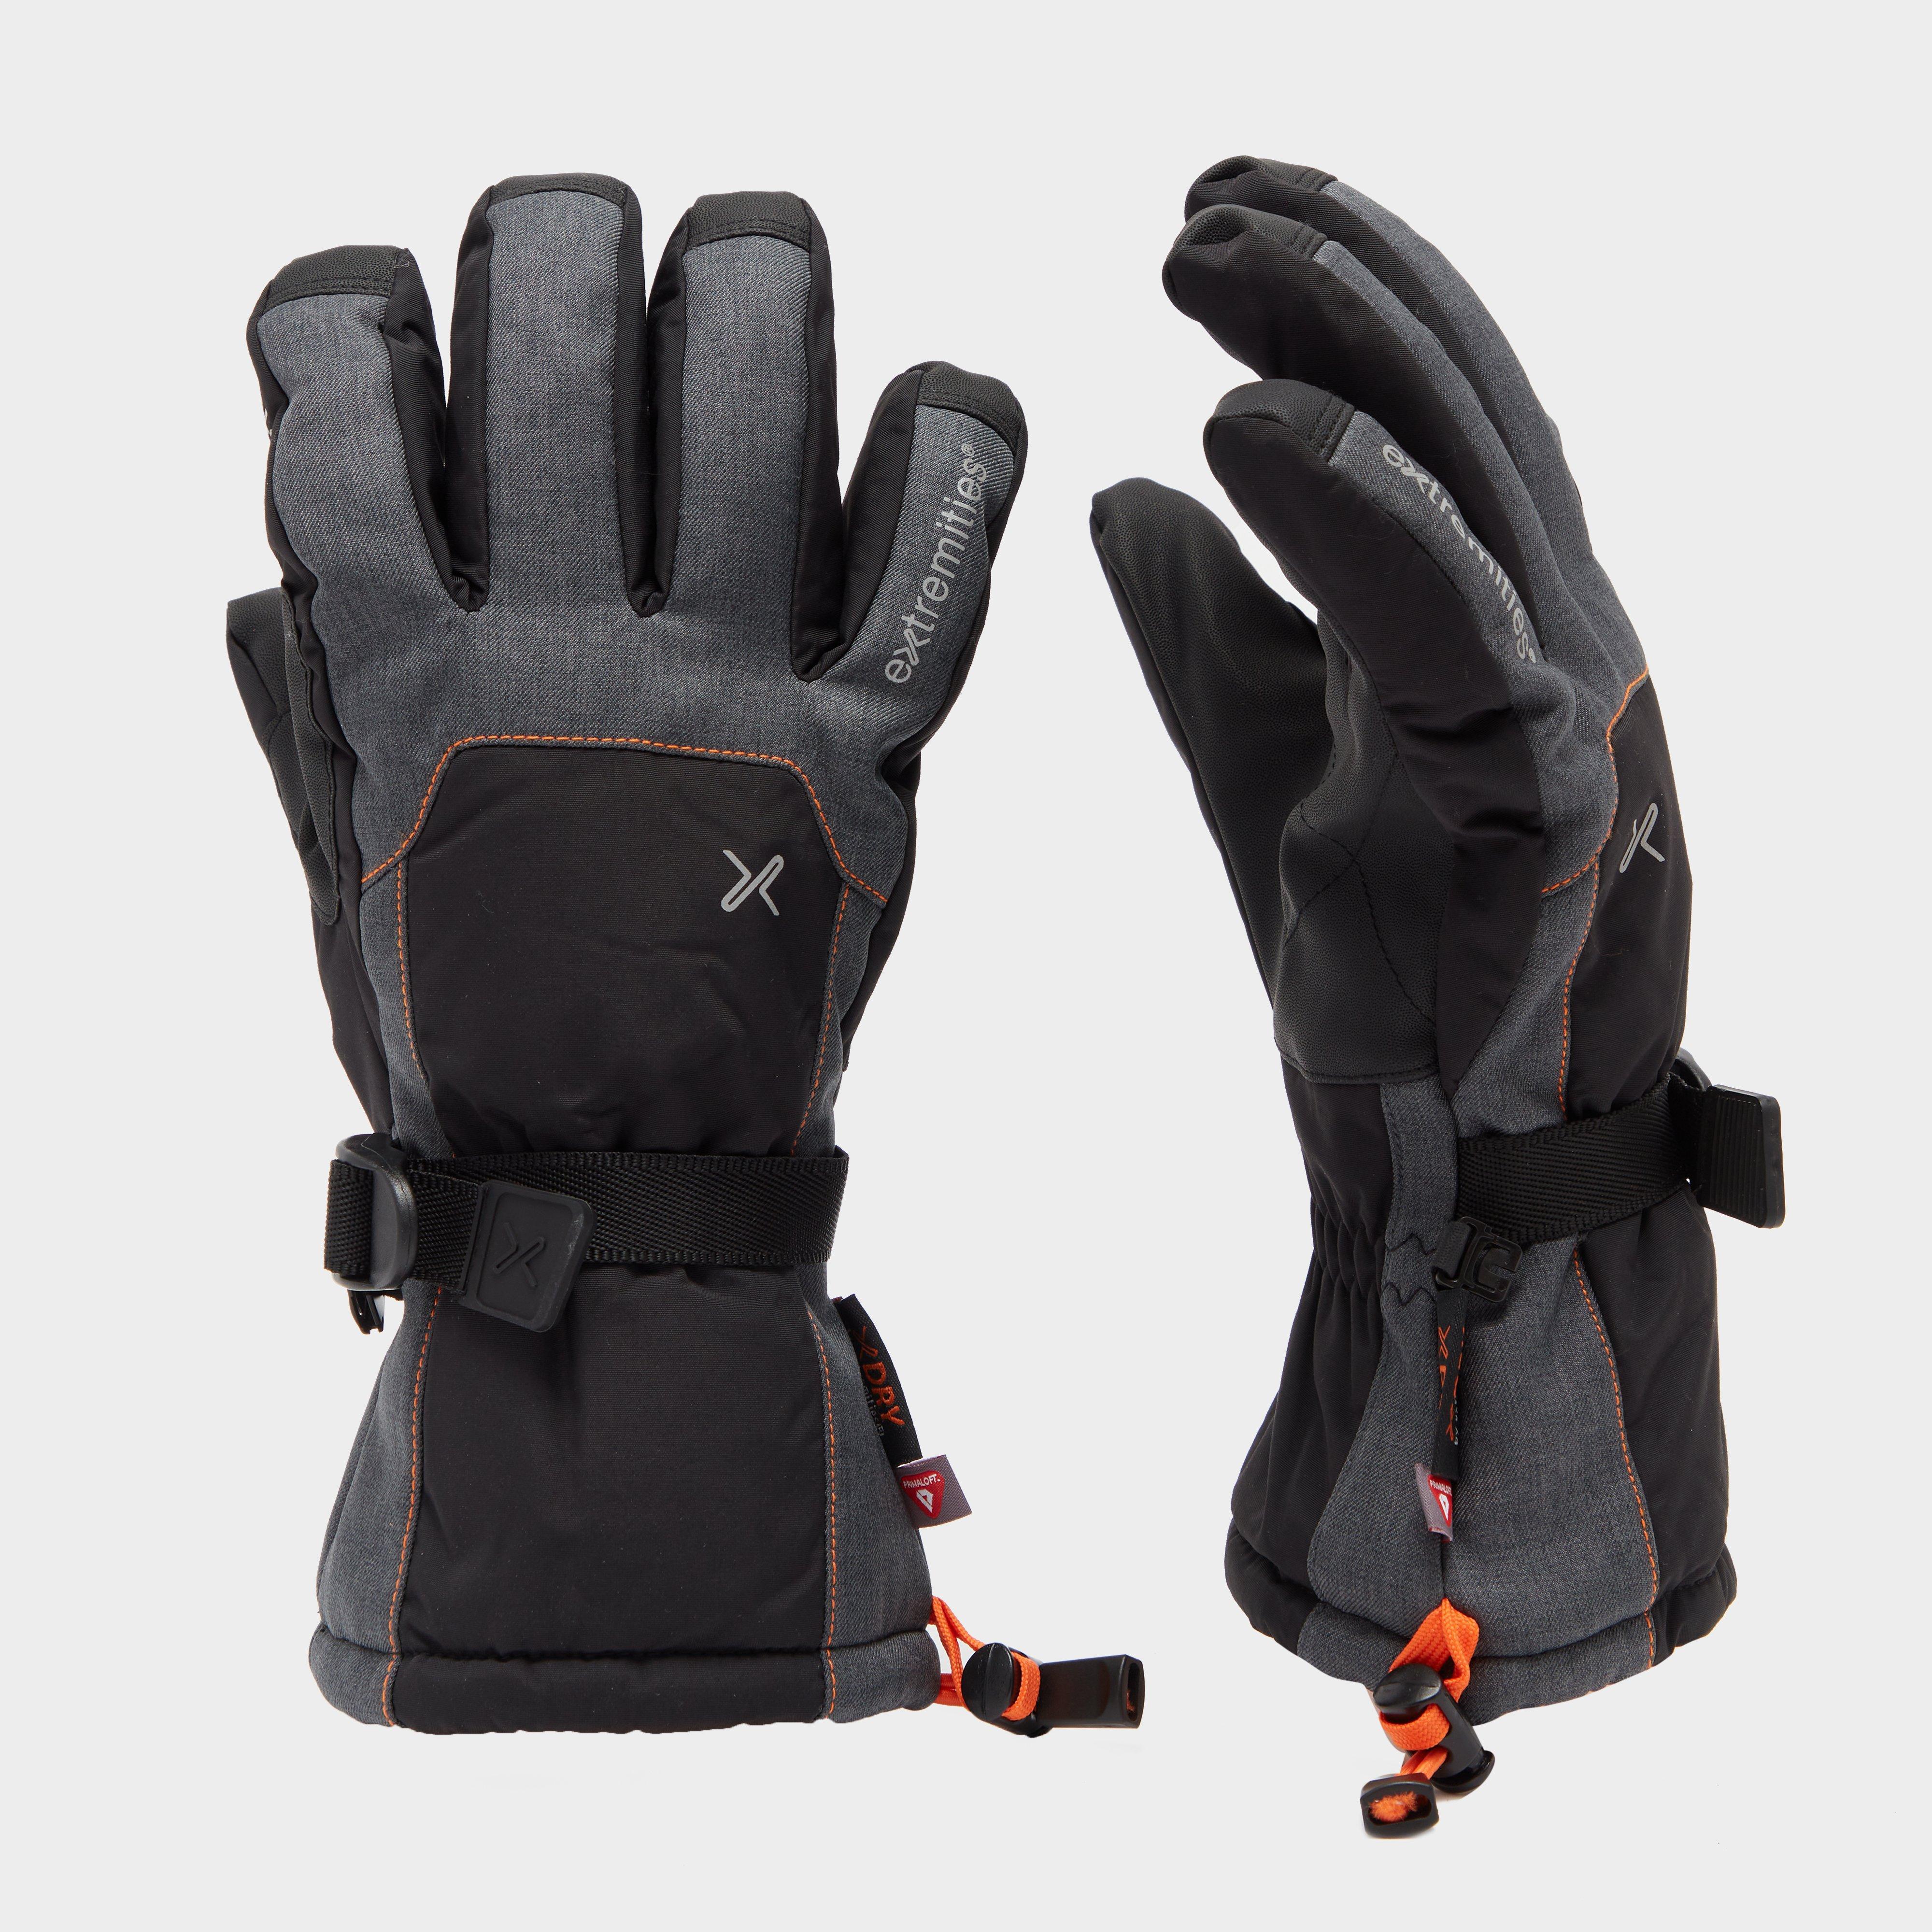 Extremities Extremities Mens Torres Peak Ski Gloves - Grey, Grey